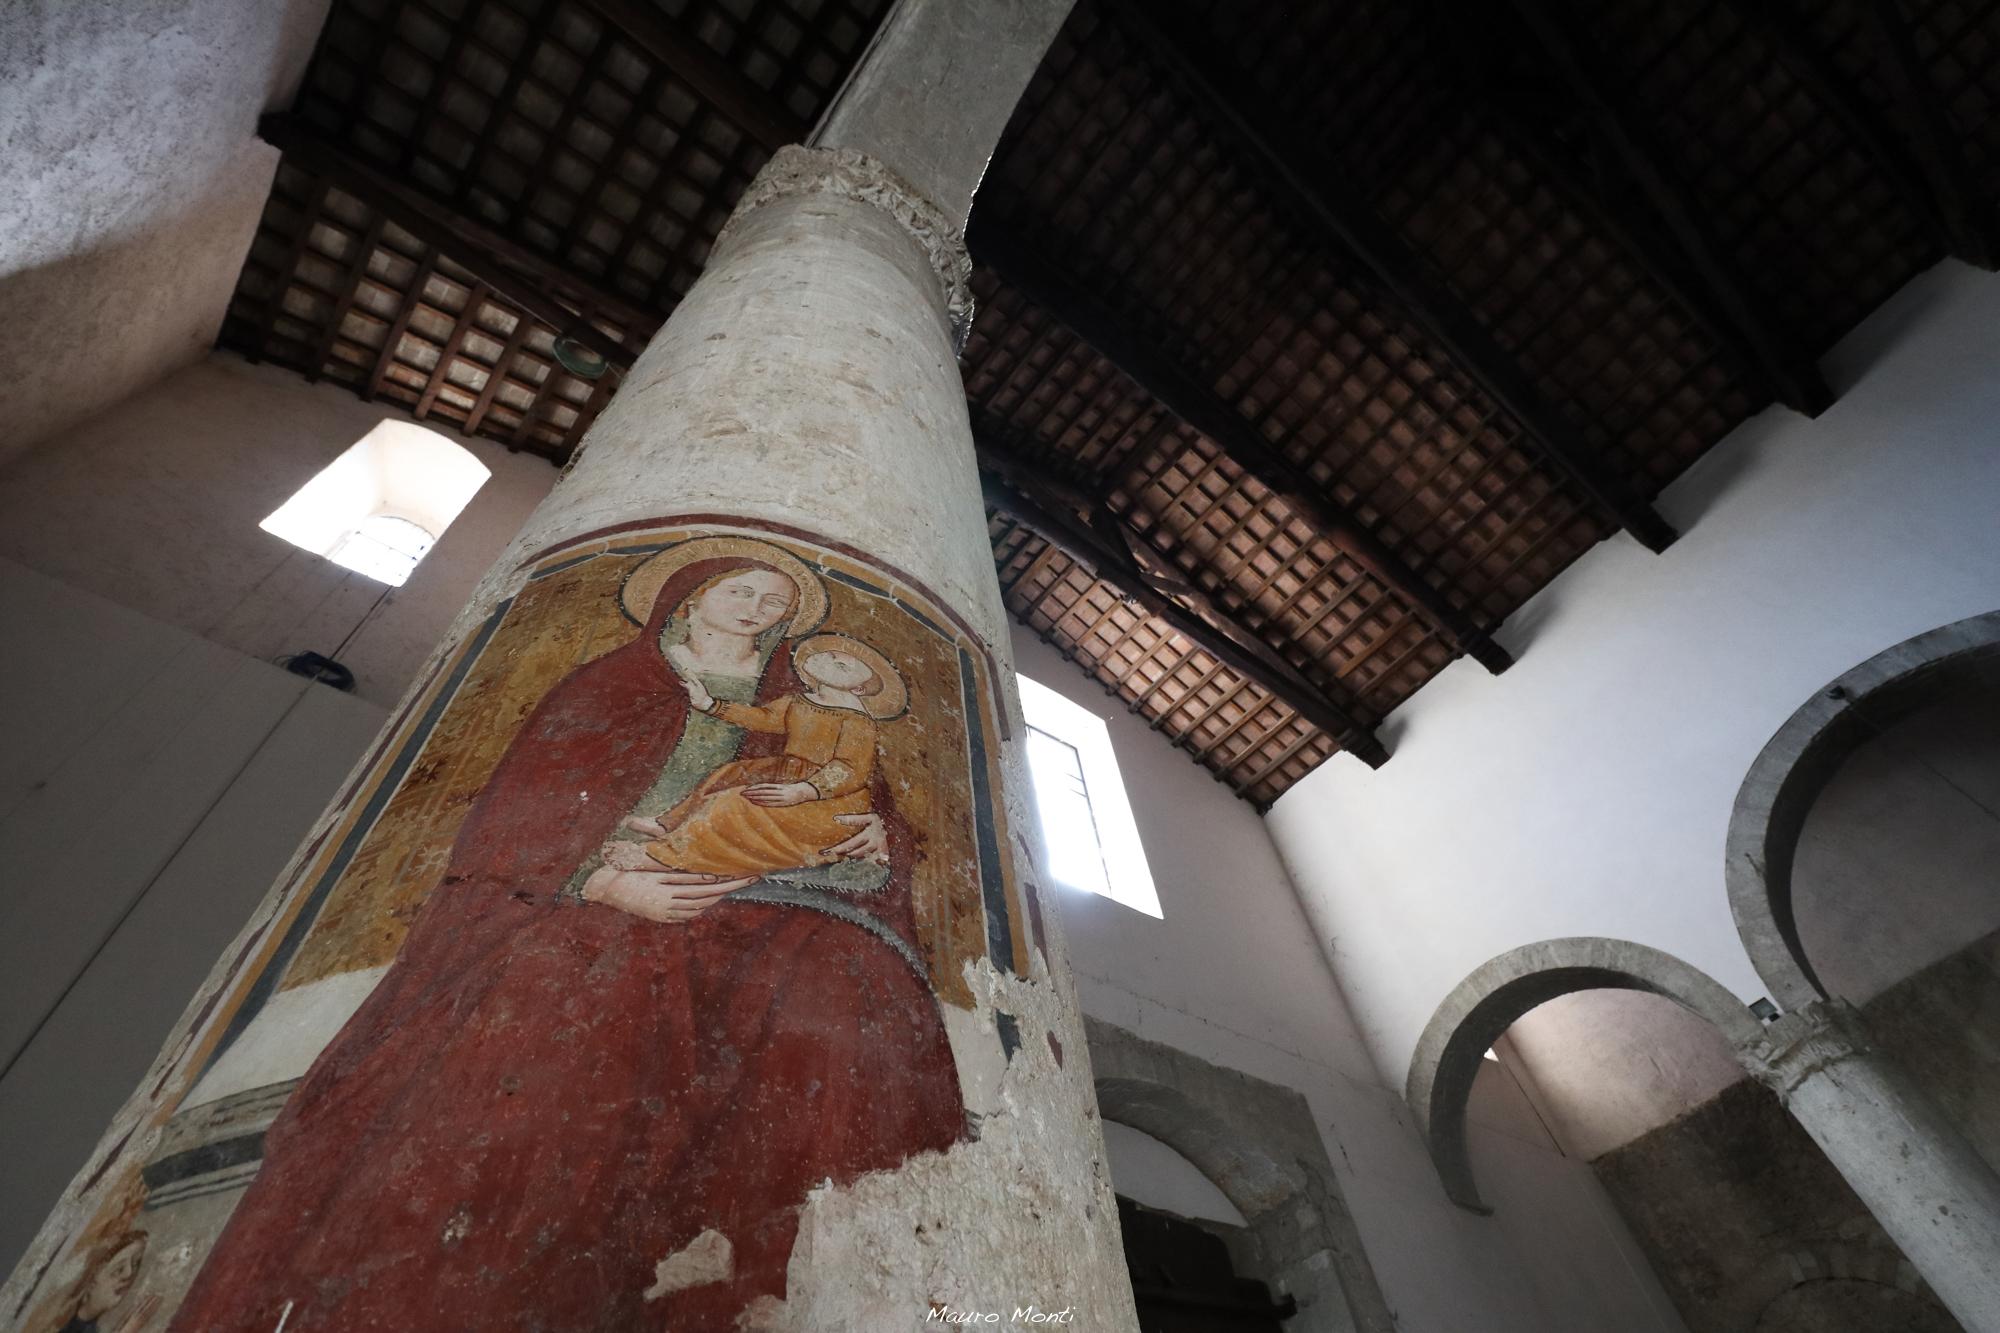 Chiesa di S. Francesco, Narni - (c) Mauro Monti